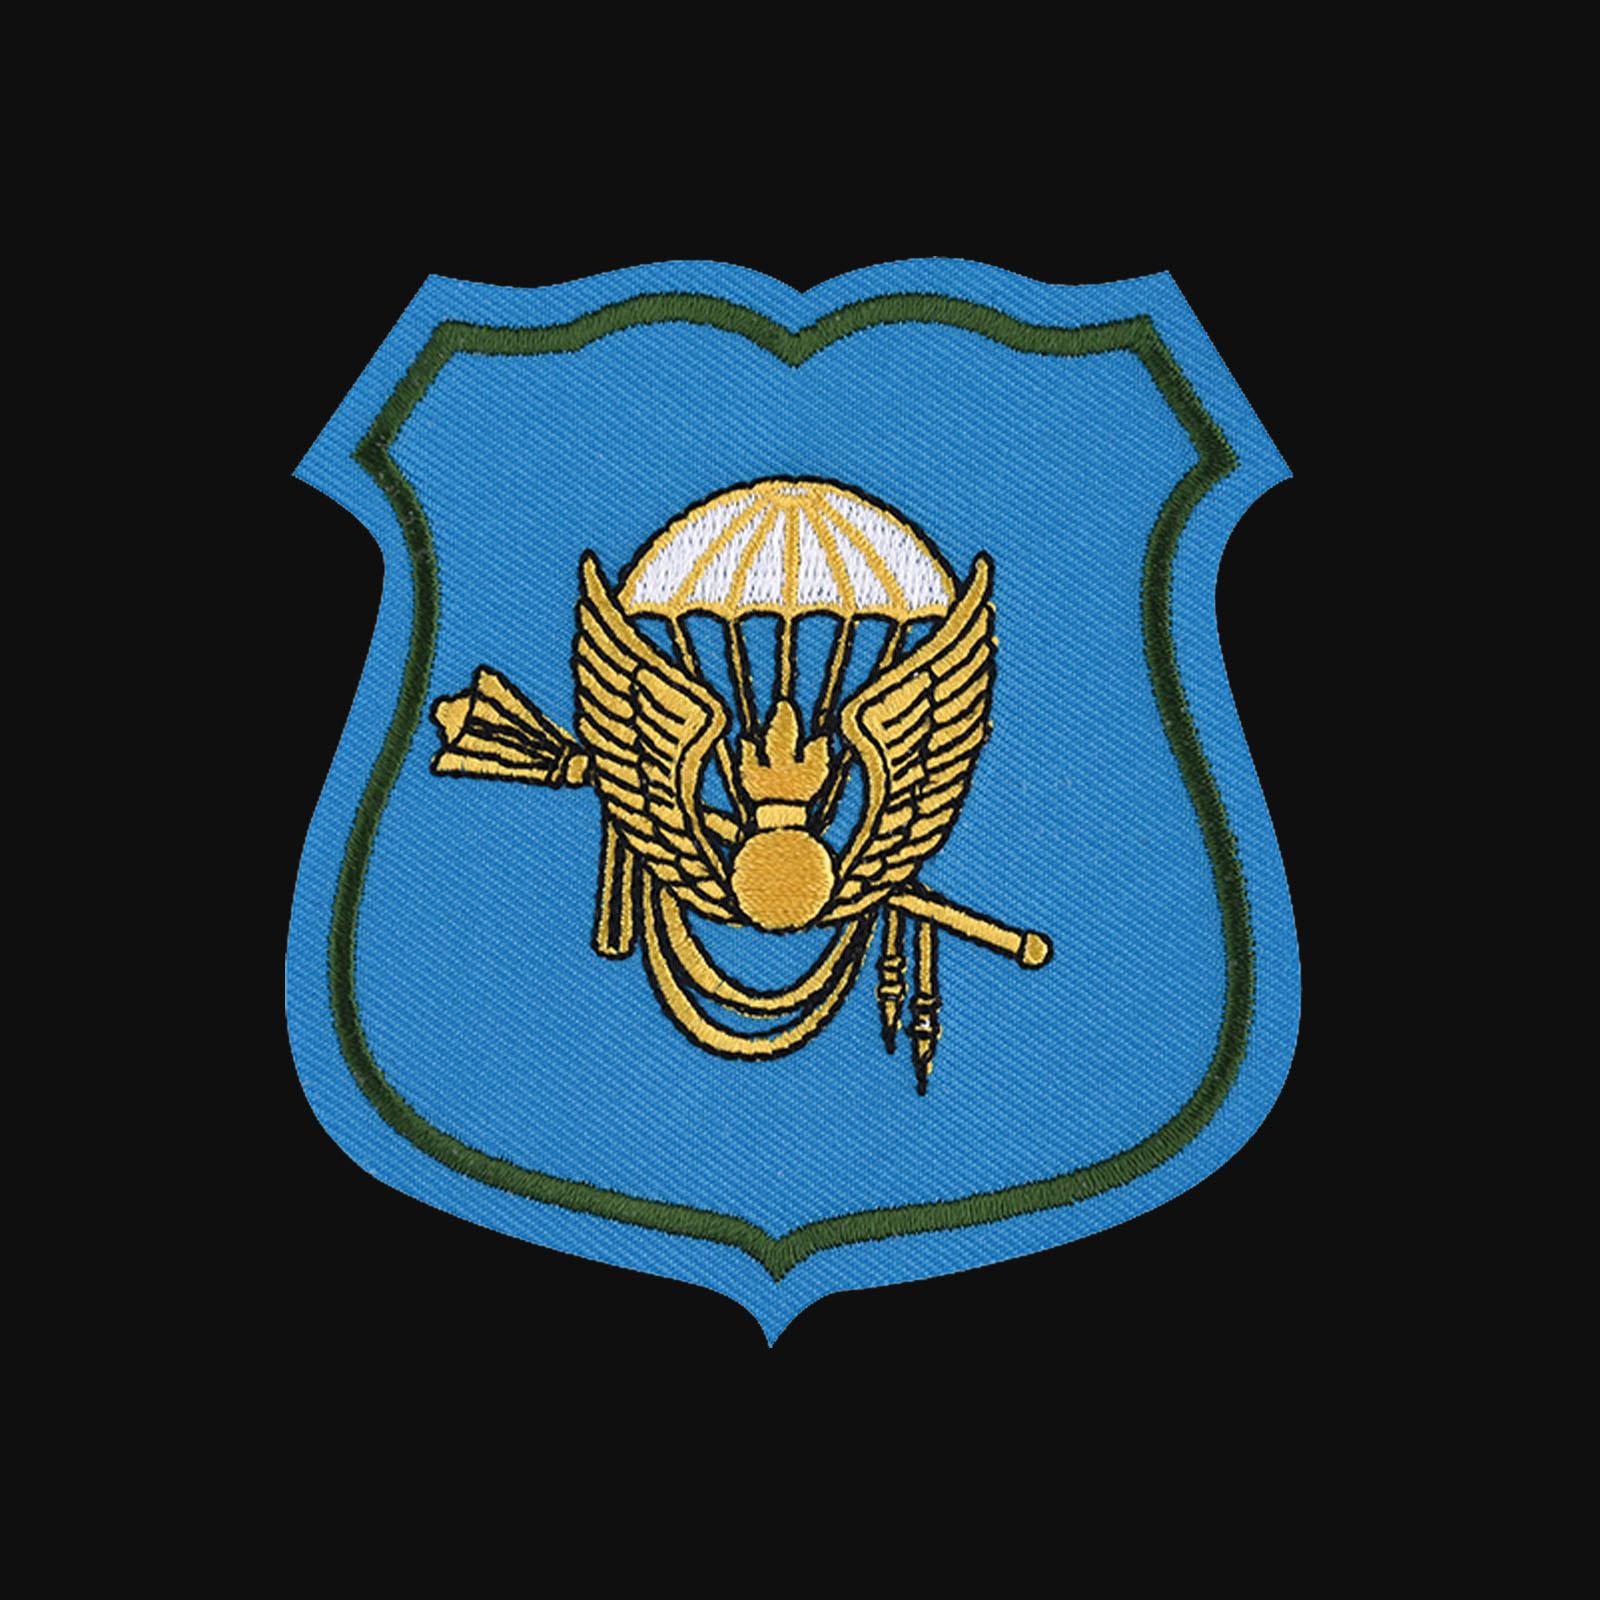 Мужская толстовка на молнии с эмблемой Командования ВДВ